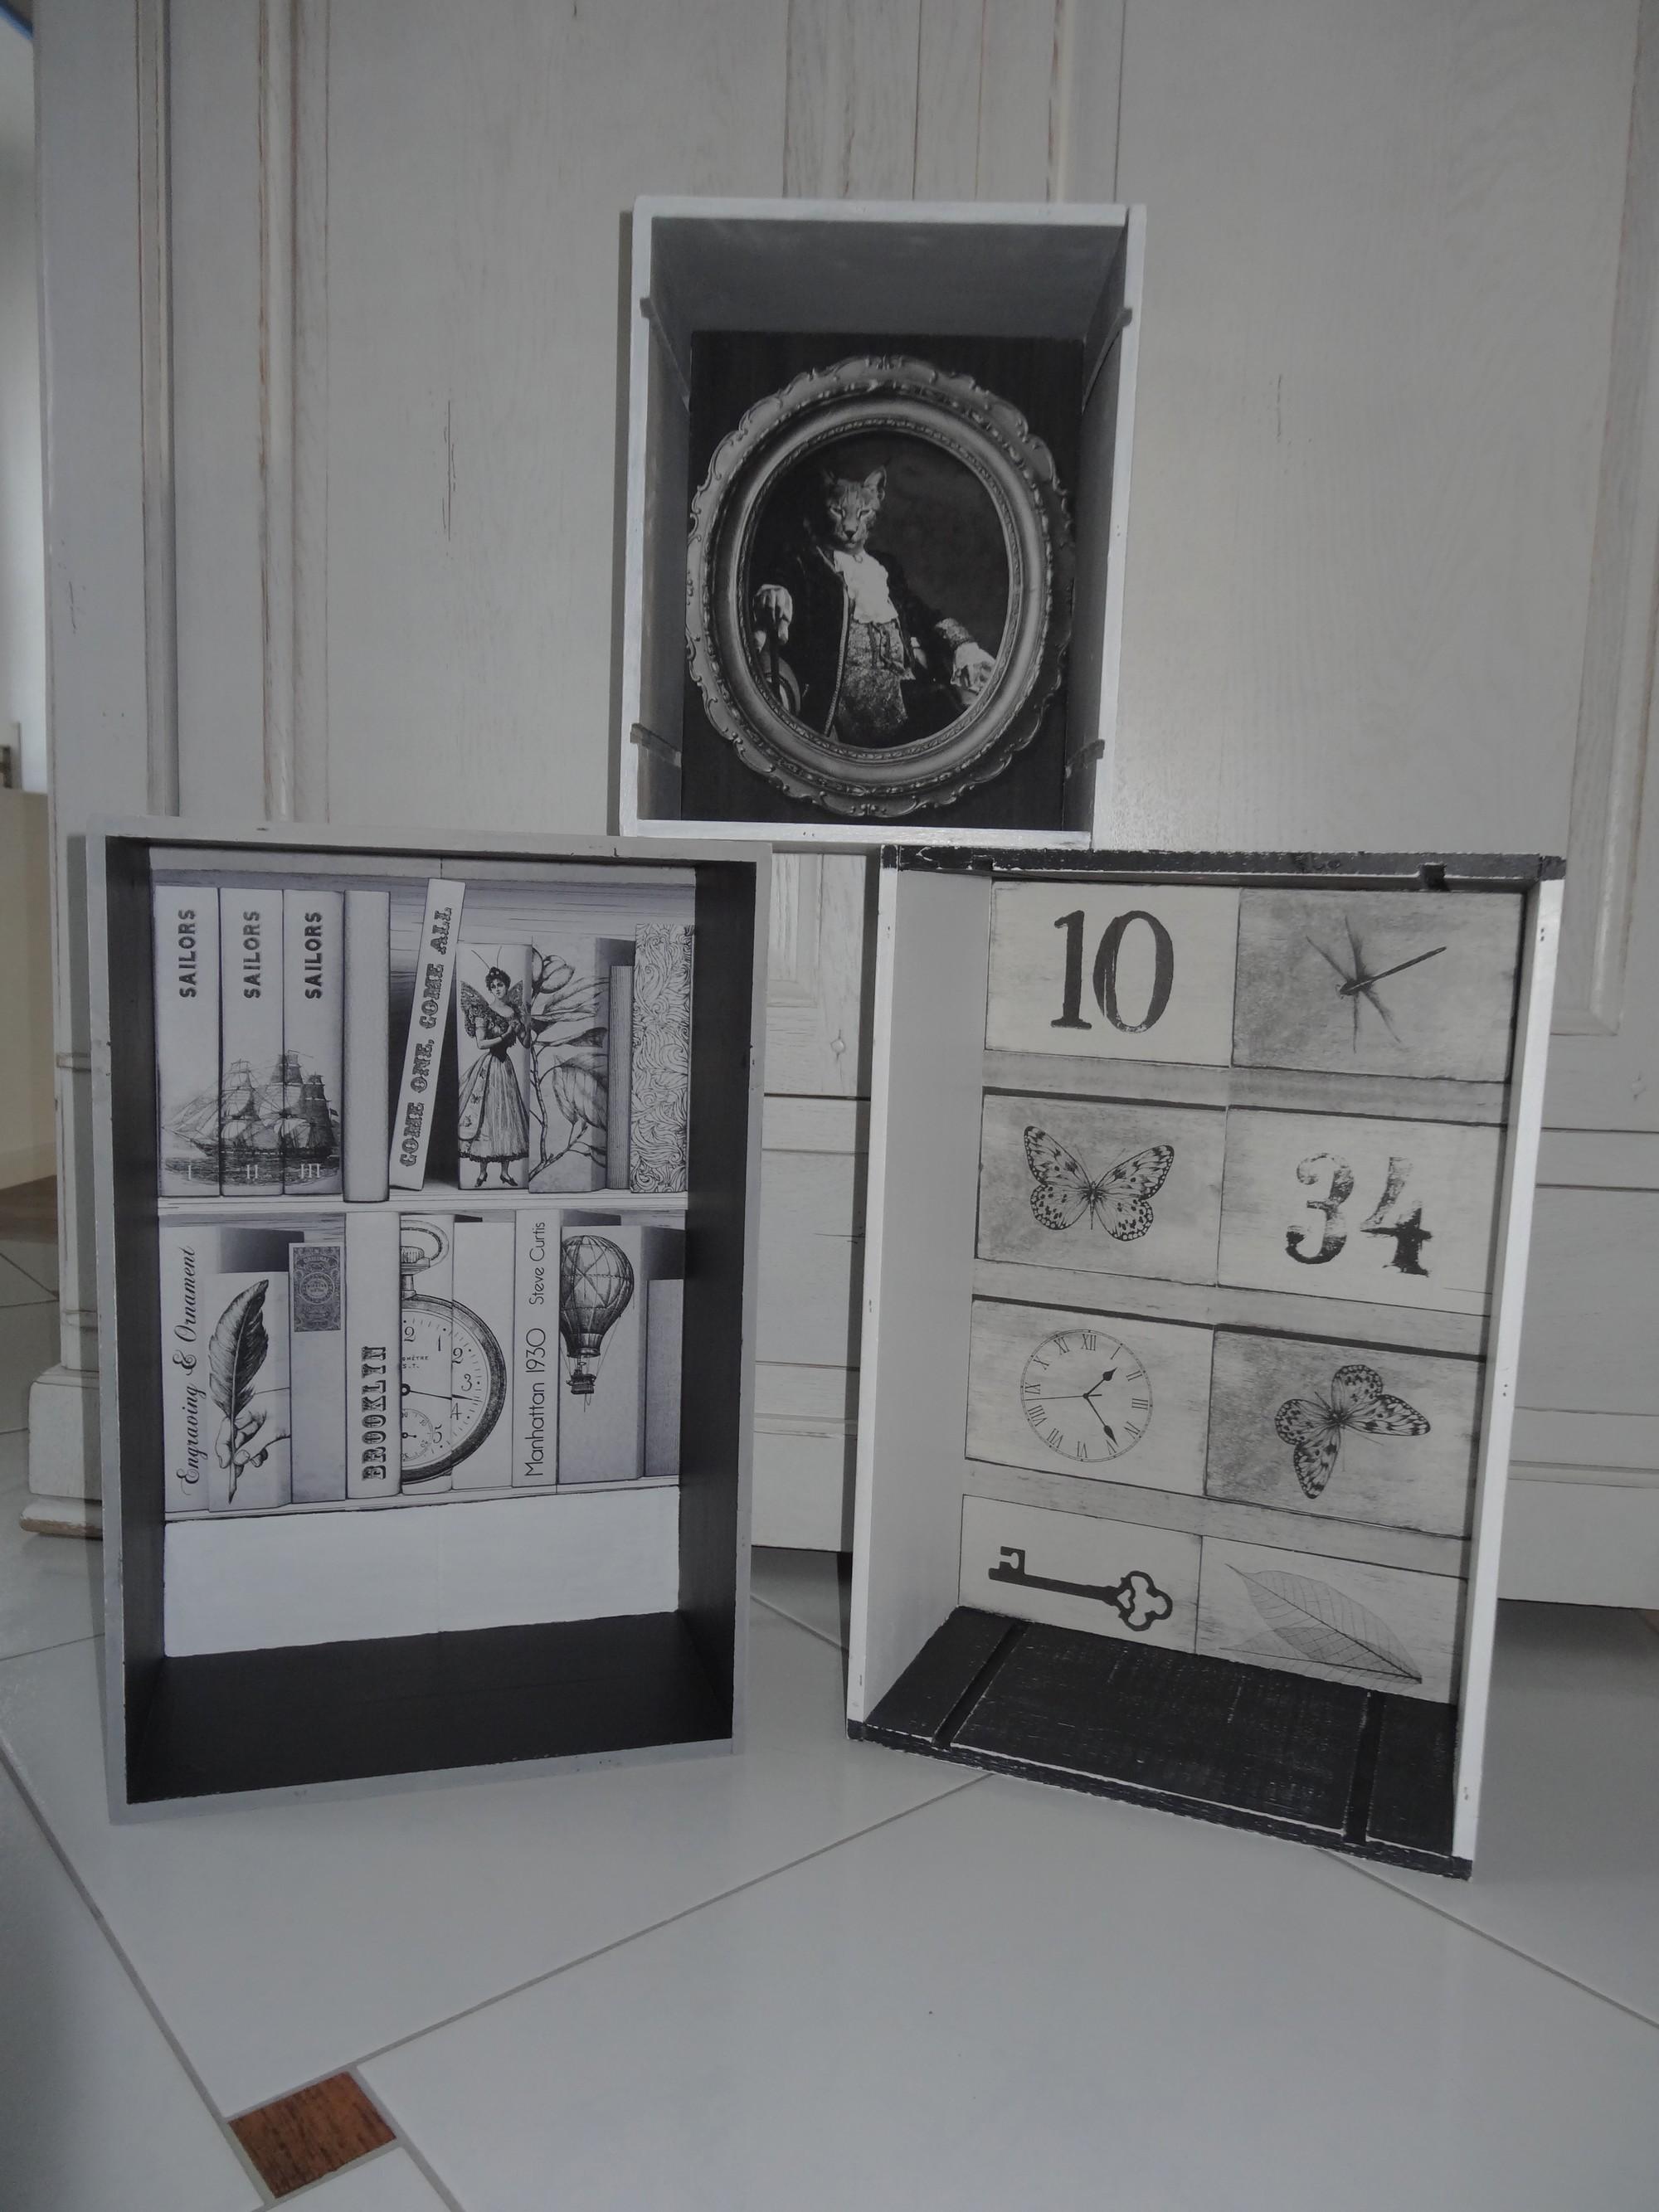 caisses de vin relook es pour en faire des caisses de rangement d co anjoudeco. Black Bedroom Furniture Sets. Home Design Ideas